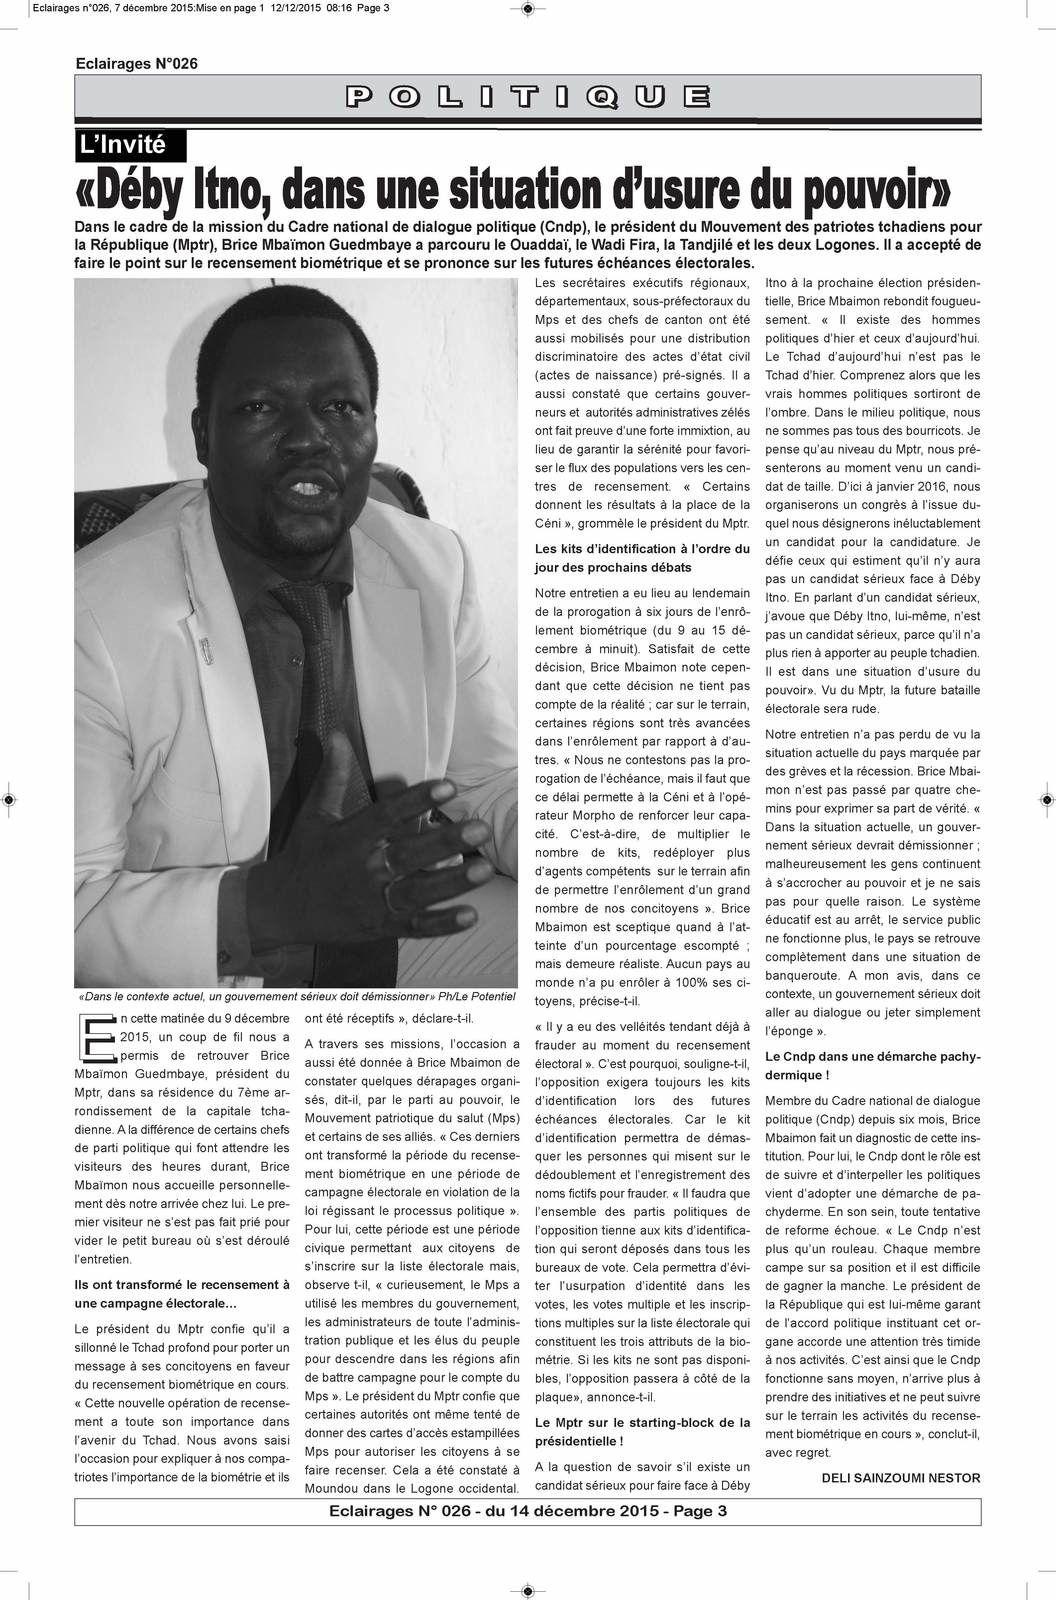 Et si les Tchadiens suivaient l'exemple du Burkina !